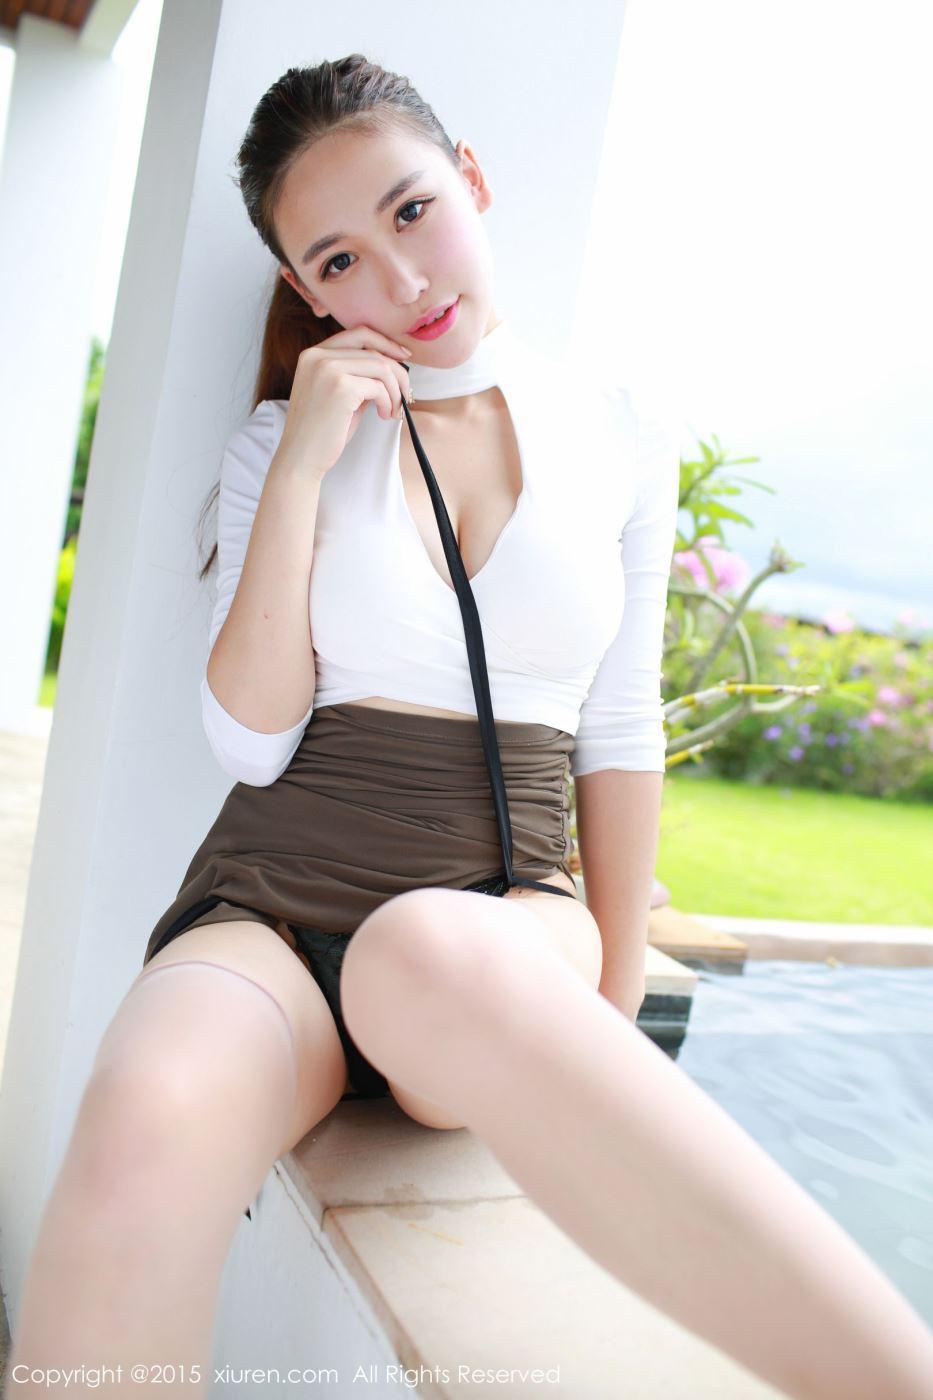 秀人网丝袜美女熊吖BOBO性感修长美腿高清图片